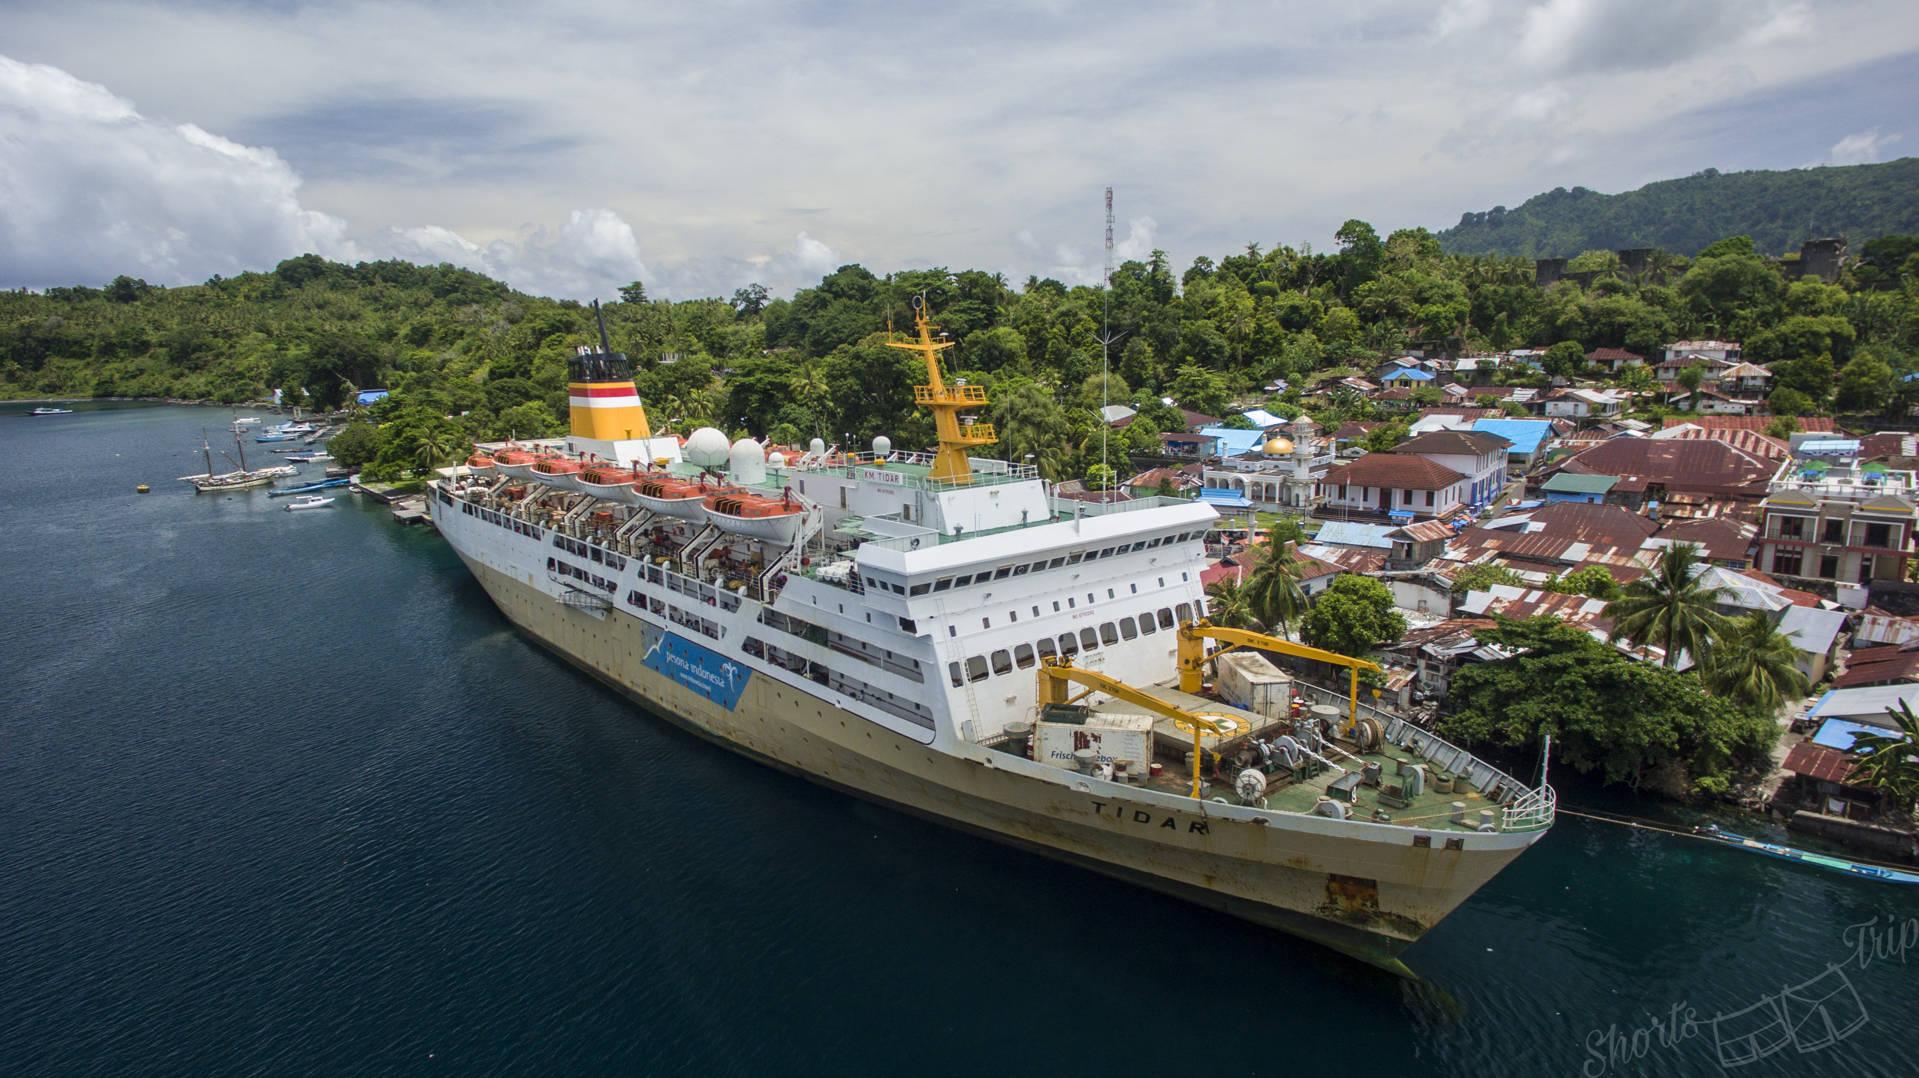 kei islands, banda islands, kei indonesia, kei travel, how to travel to kei, kei pelni boat, kei banda pelni